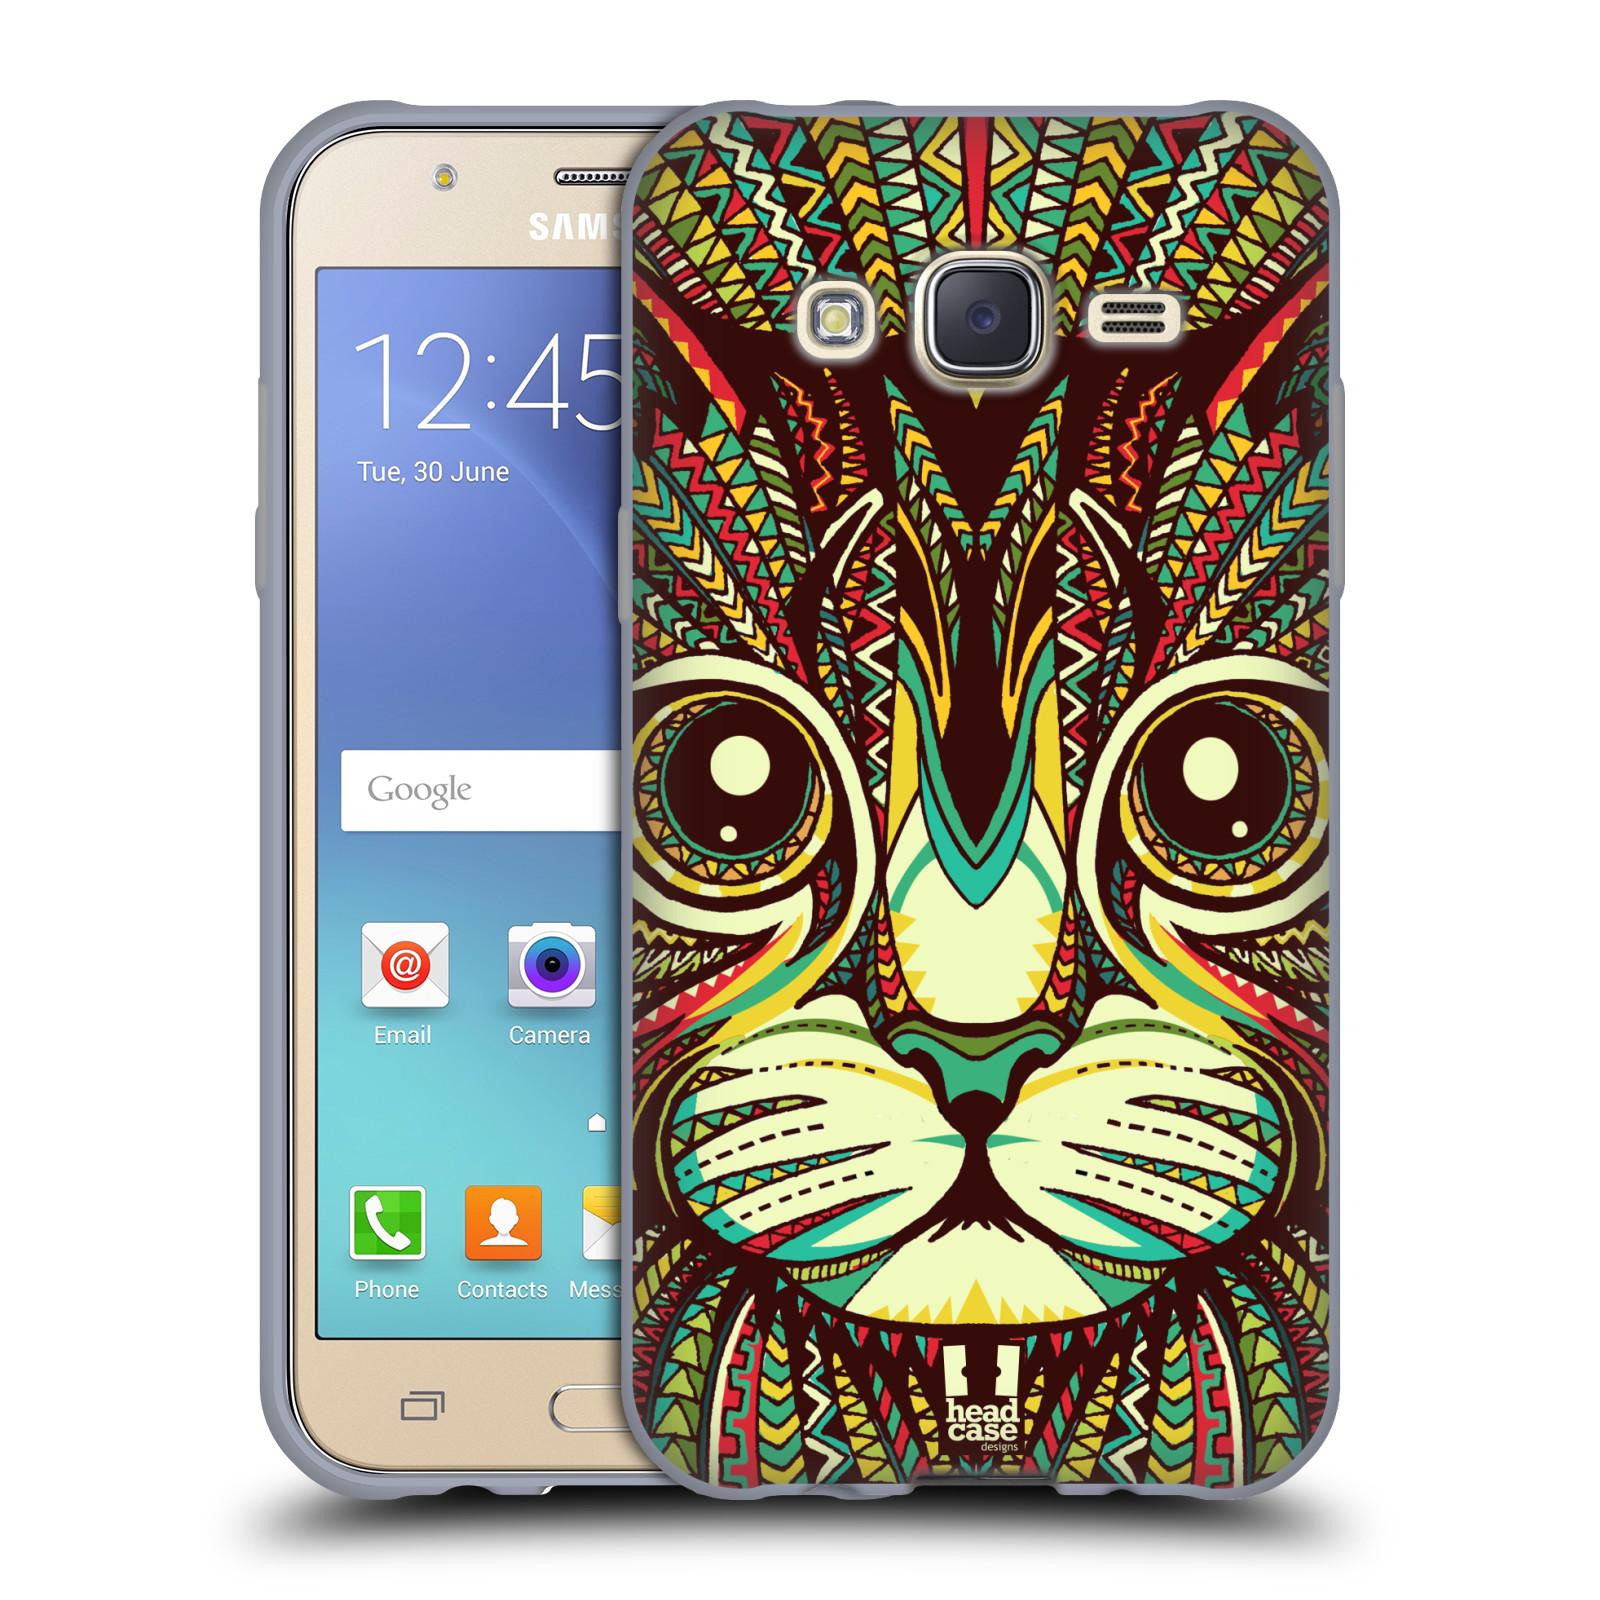 HEAD CASE silikonový obal na mobil Samsung Galaxy J5, J500, (J5 DUOS) vzor Aztécký motiv zvíře 2 kotě